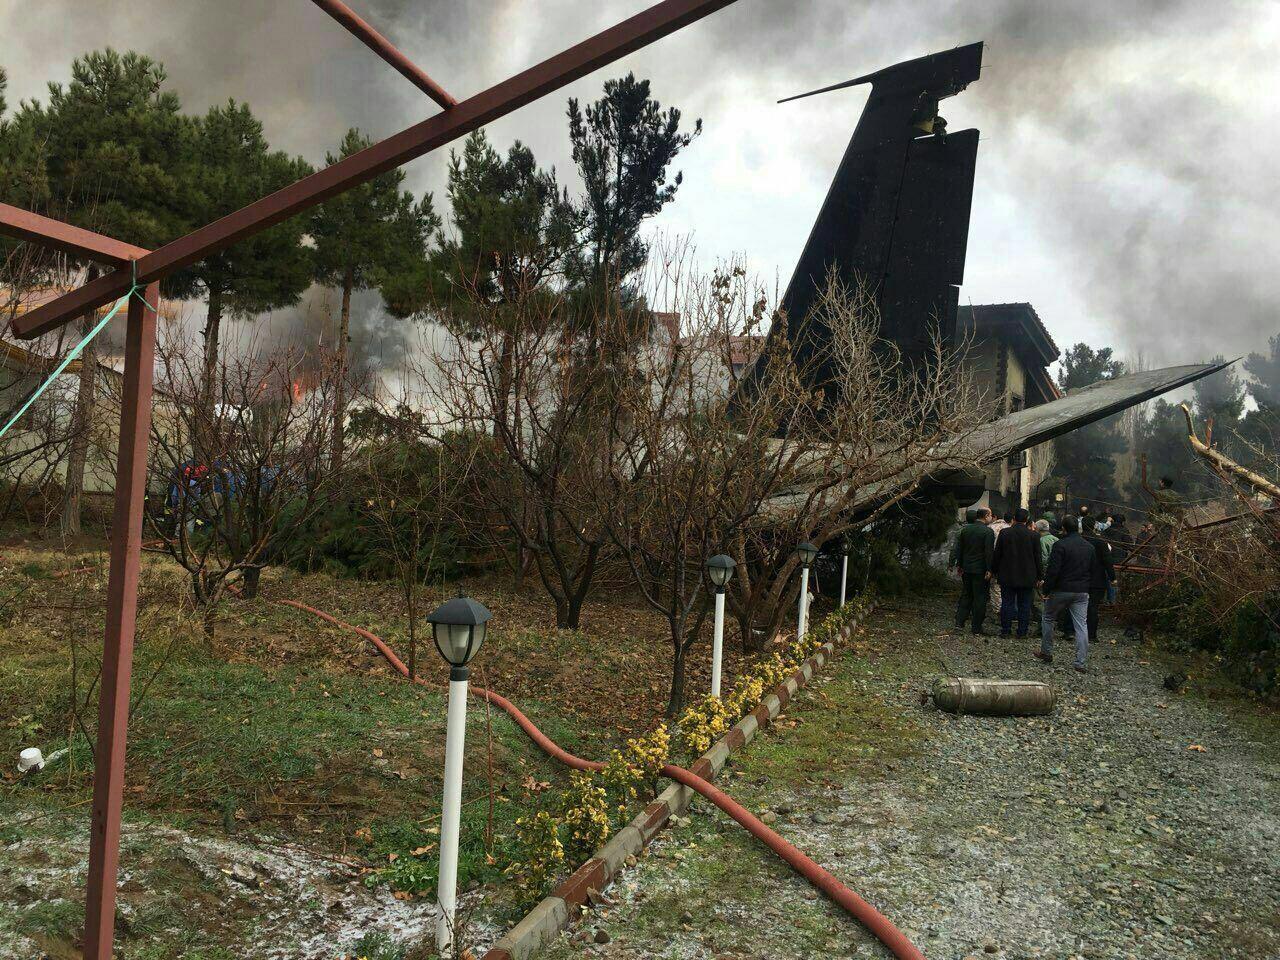 سقوط هواپیمای غیرمسافربری در صفادشت کرج+ تصاویر